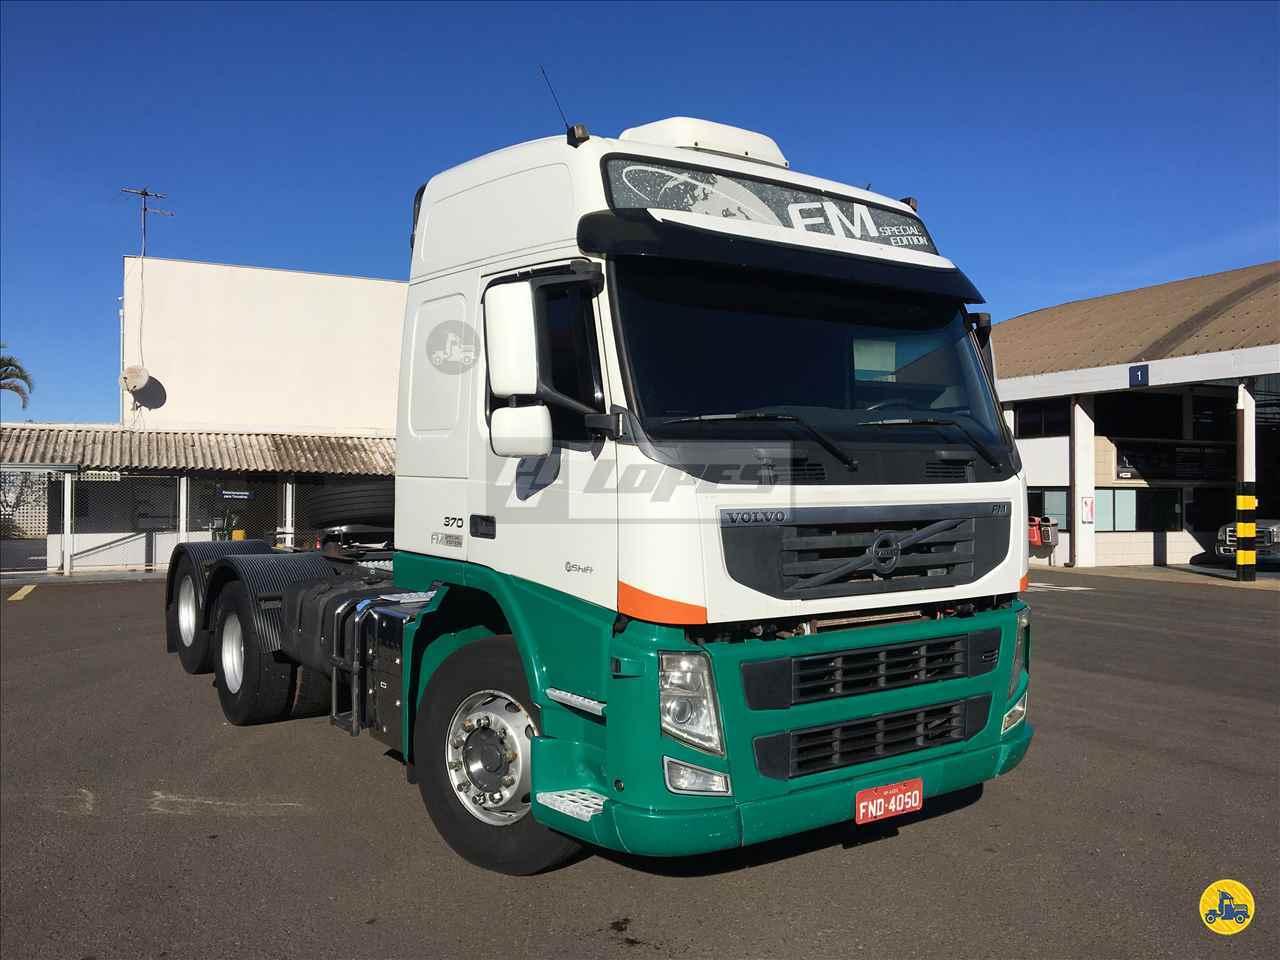 CAMINHAO VOLVO VOLVO FM 370 Cavalo Mecânico Truck 6x2 P.B. Lopes - Scania LONDRINA PARANÁ PR